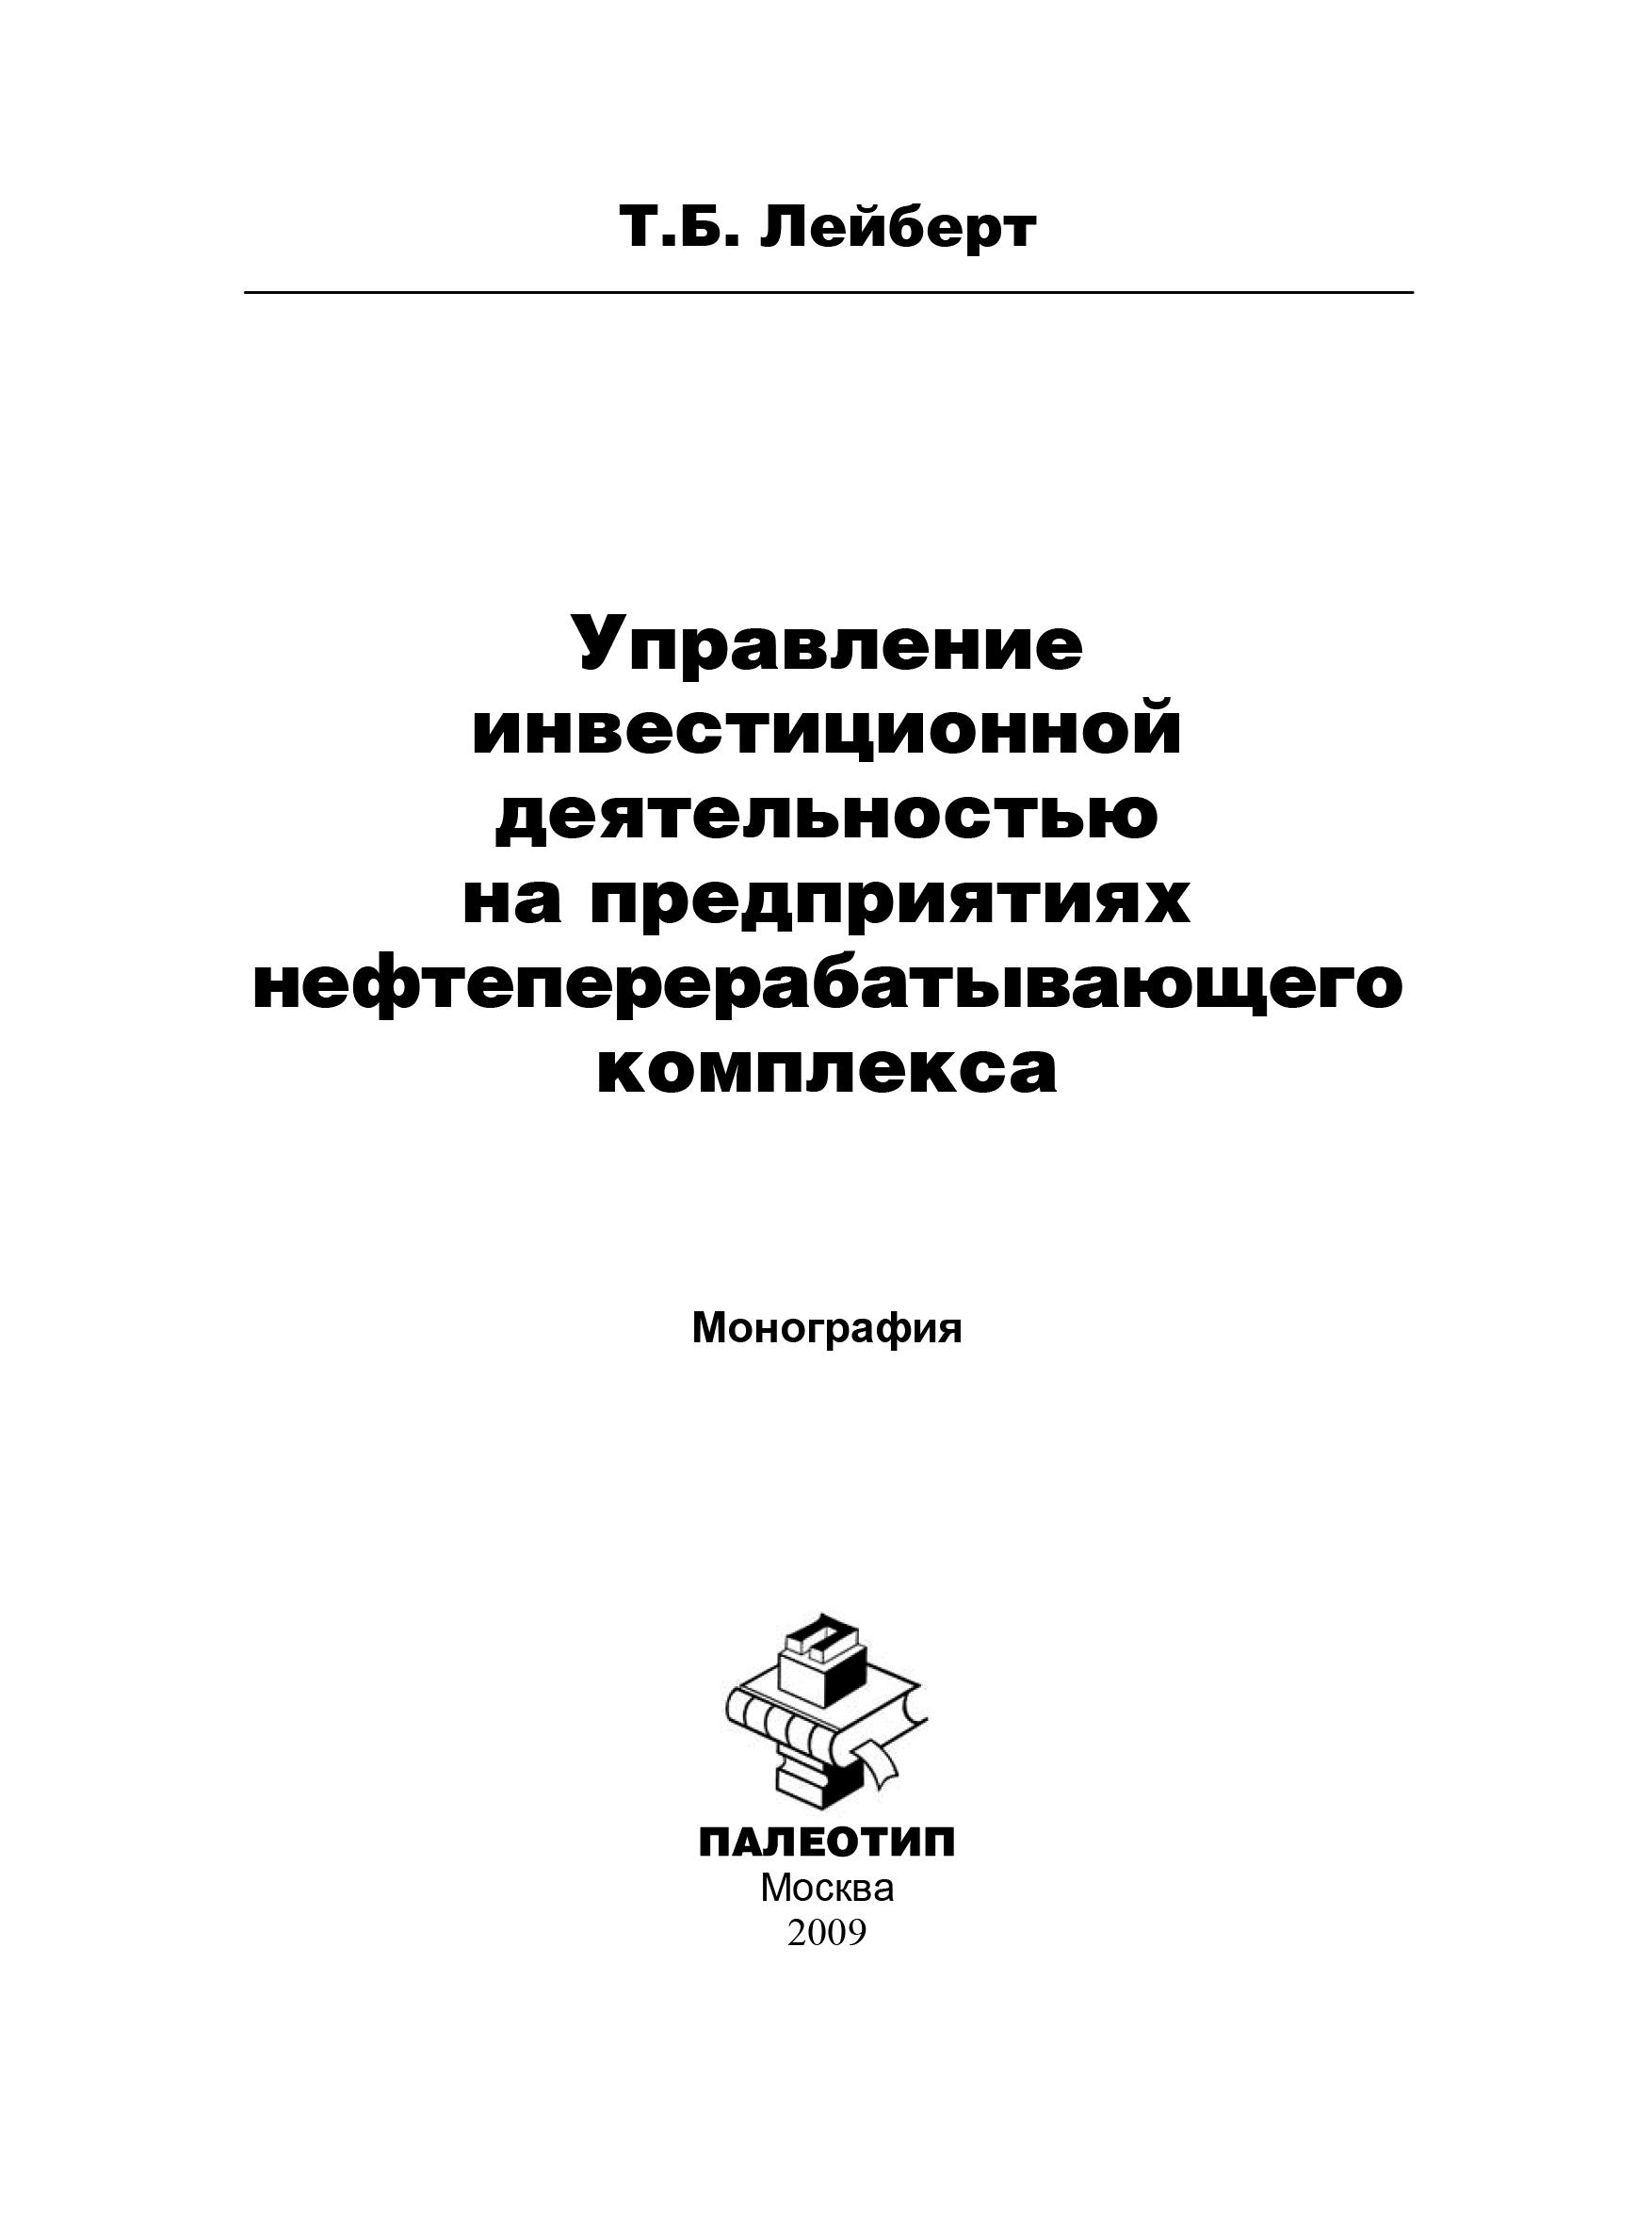 Т. Б. Лейберт Управление инвестиционной деятельностью на предприятиях нефтеперерабатывающего комплекса